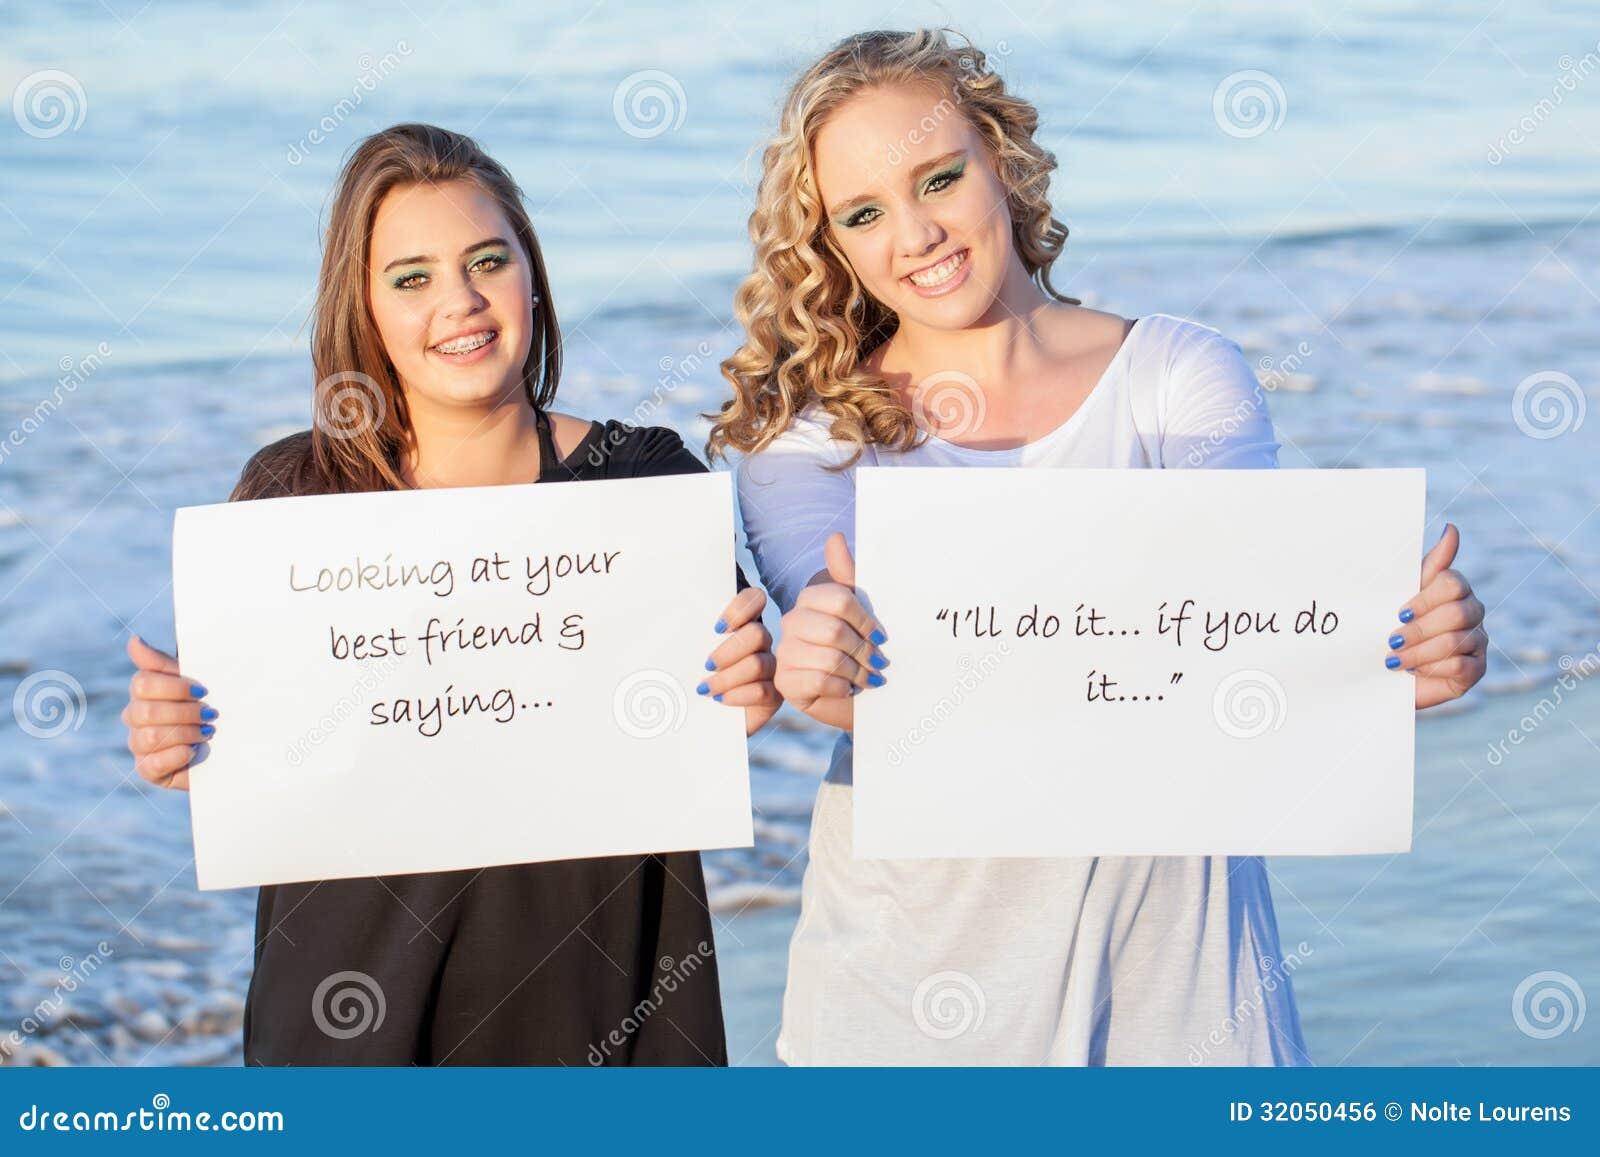 Heban dziewczyny fotki